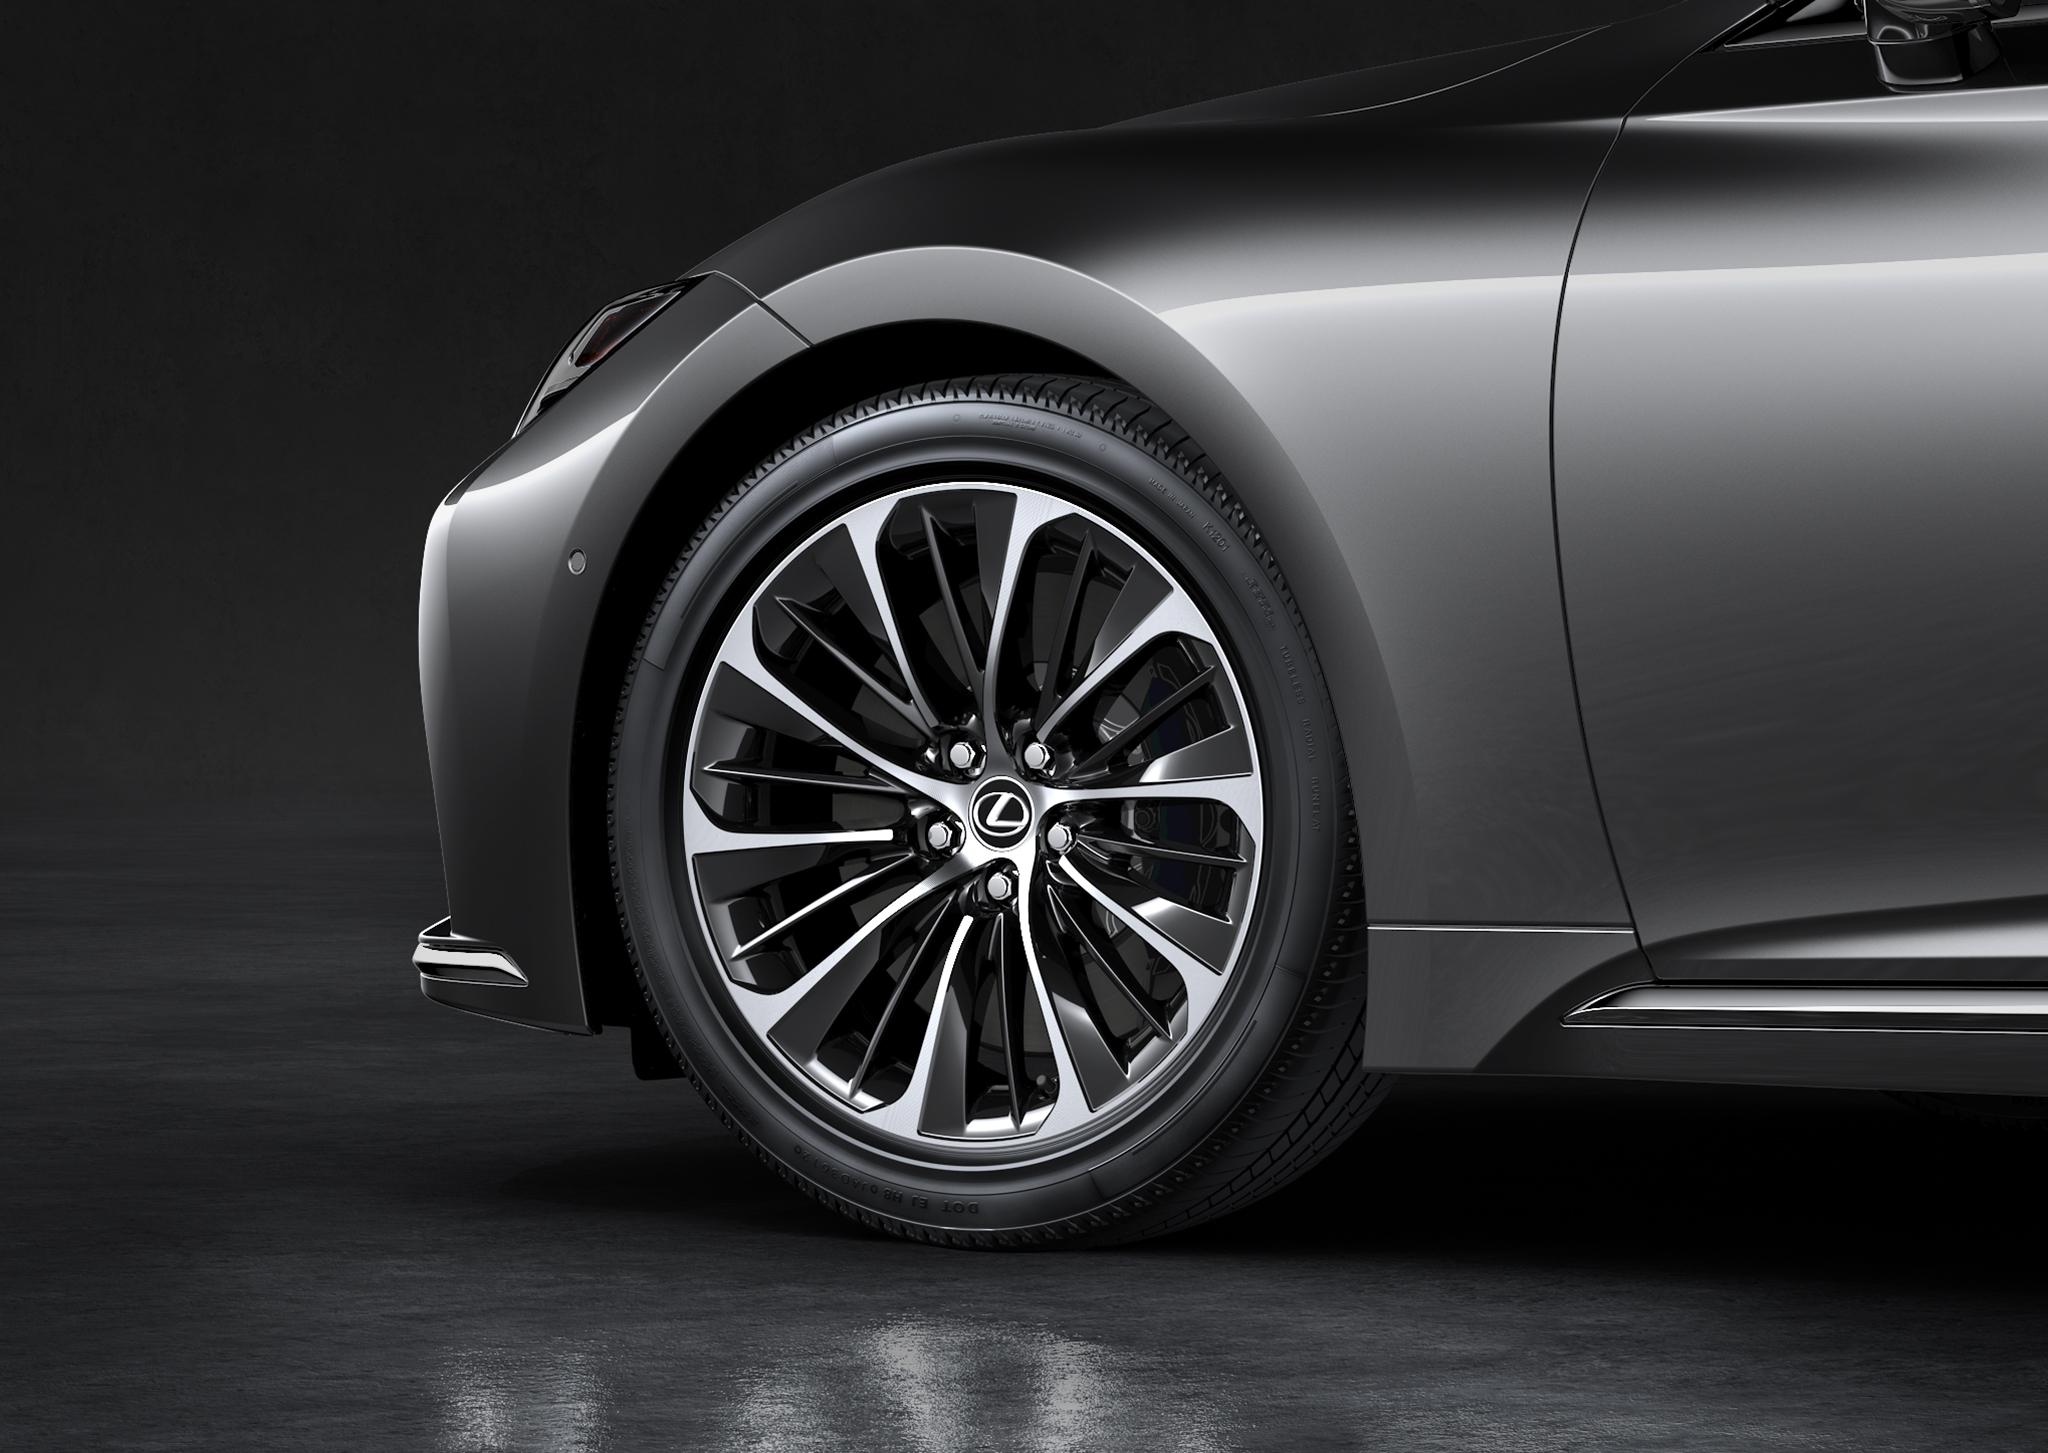 2021 Lexus LS wheel